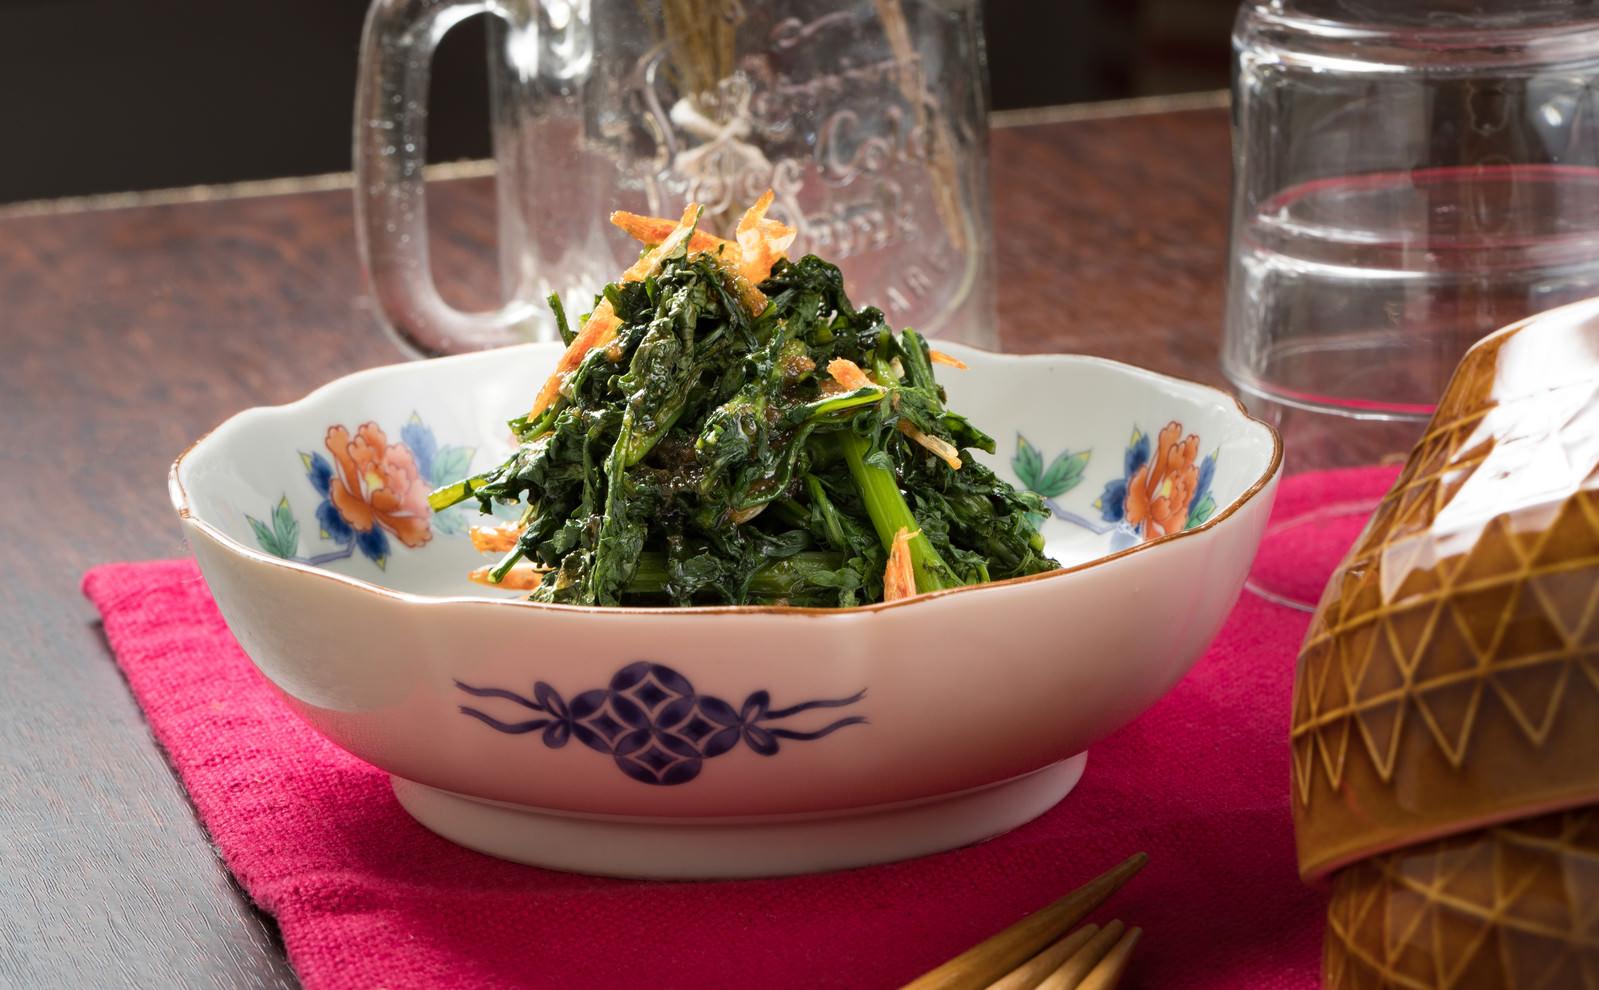 「おつまみにぴったりな手軽レシピ 春菊のナムル」の写真